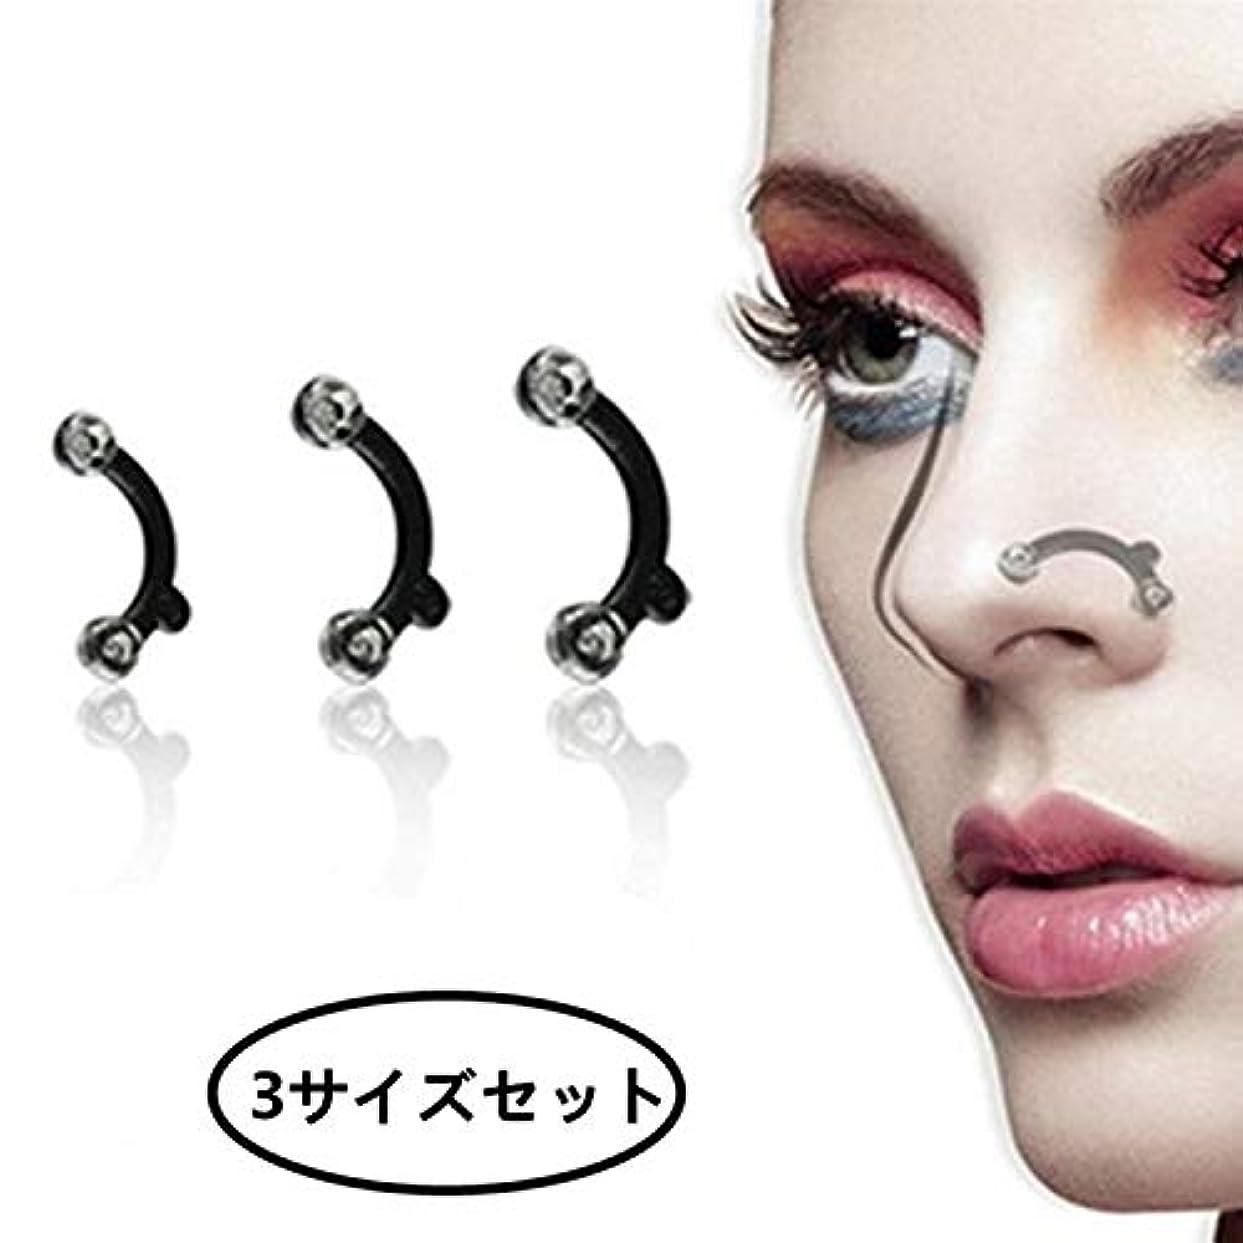 多分アコードわな鼻プチ 柔軟性高く ビューティー 矯正プチ 整形せ 24.5mm/25.5mm/27mm 全3サイズセット ブラック